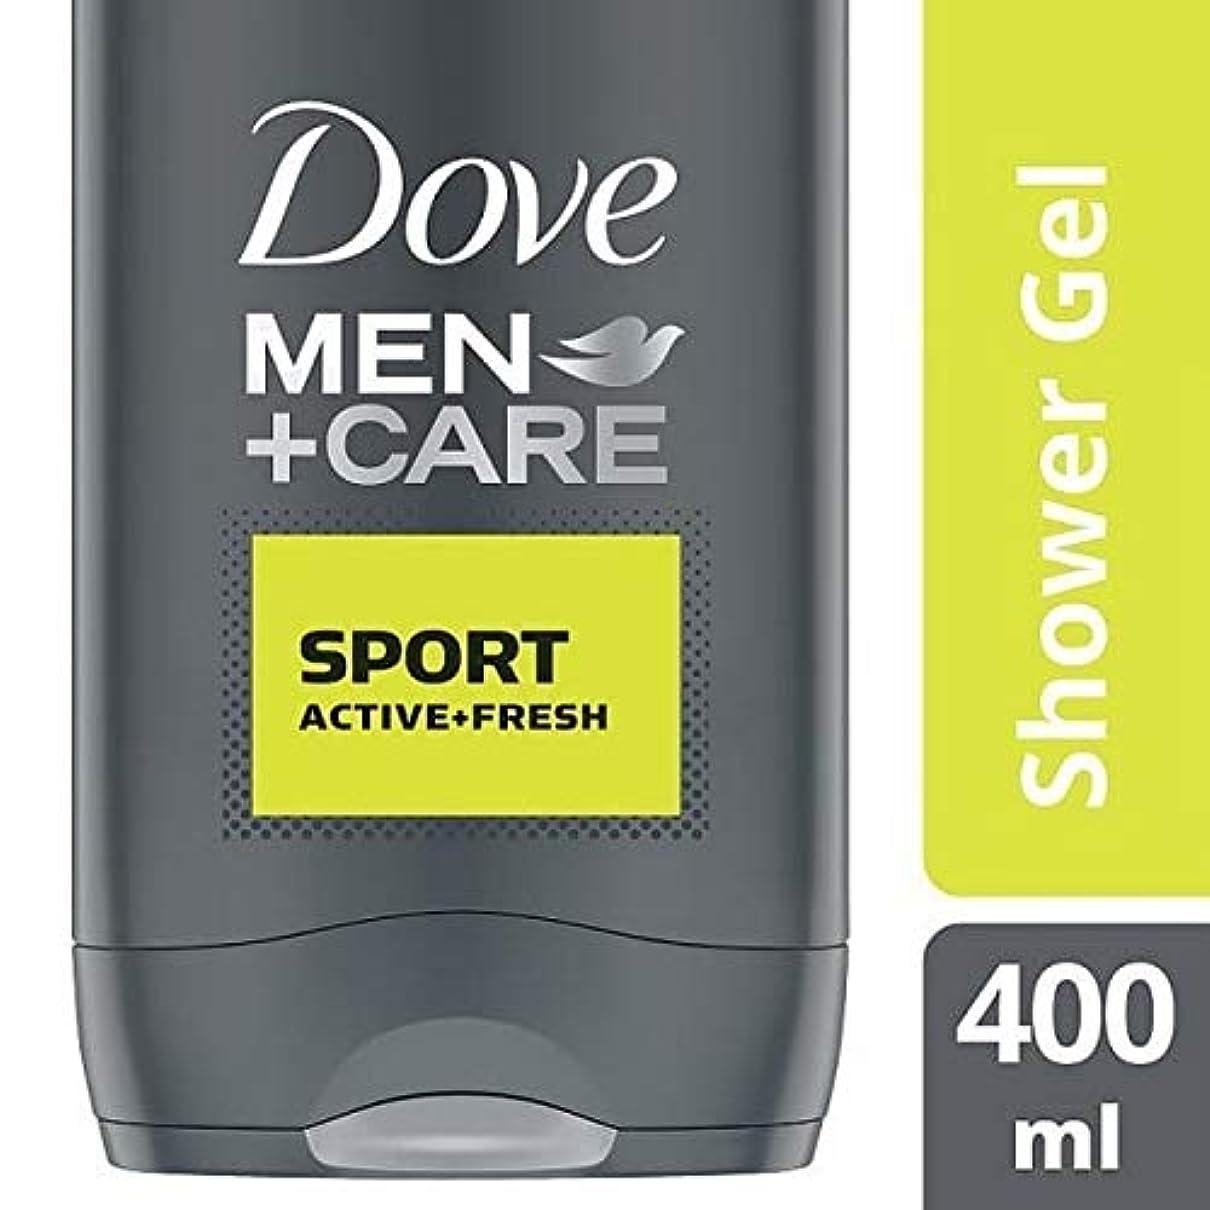 恥ずかしい無心幻滅する[Dove ] 鳩の男性+ケアスポーツアクティブ&フレッシュボディウォッシュ400ミリリットル - Dove Men + Care Sport Active & Fresh Bodywash 400ml [並行輸入品]